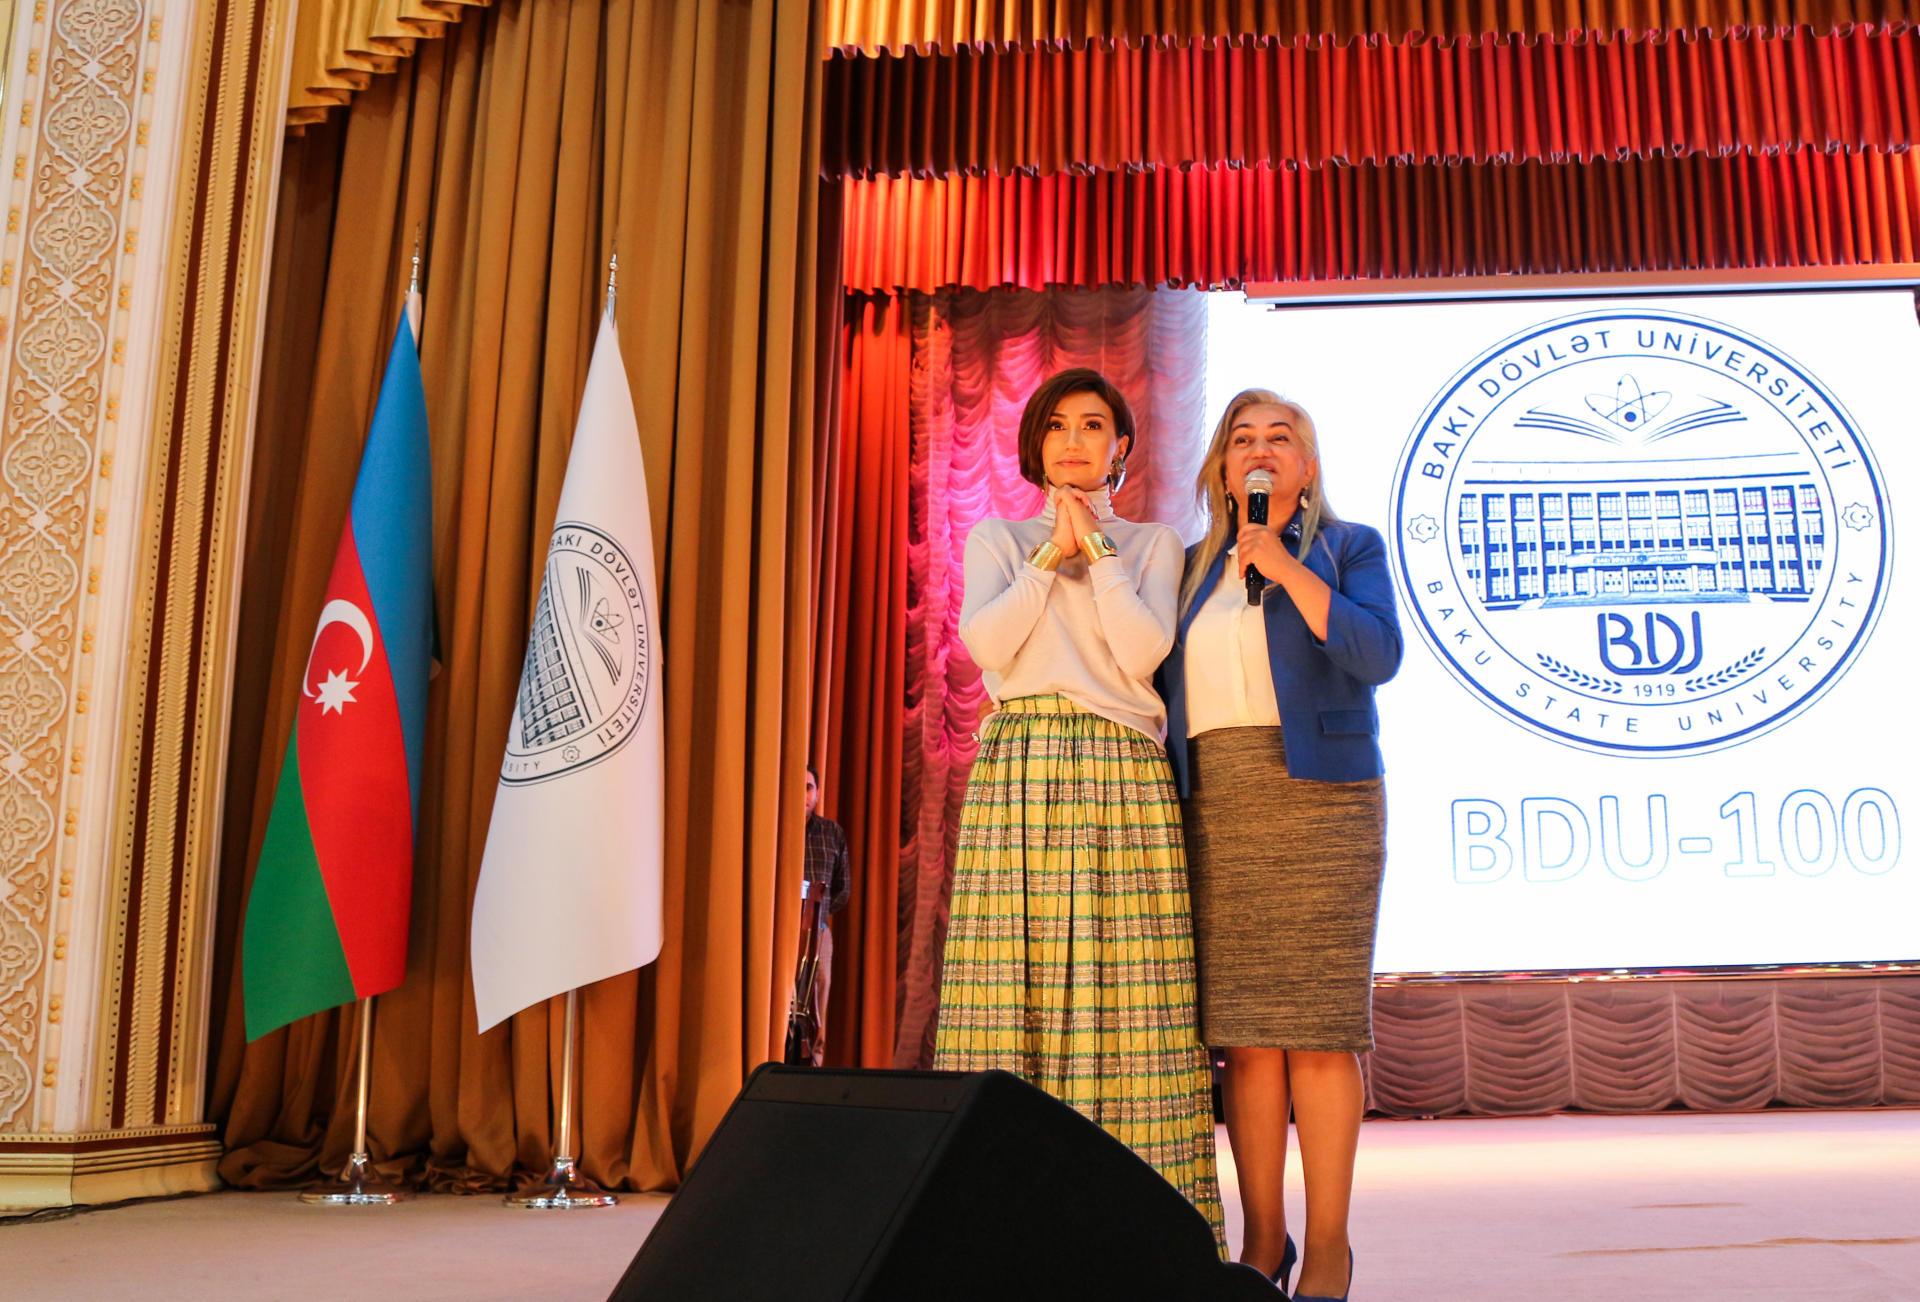 Röya BDU-da 100 illik yubiley münasibətilə konsert verdi (FOTO) - Gallery Image